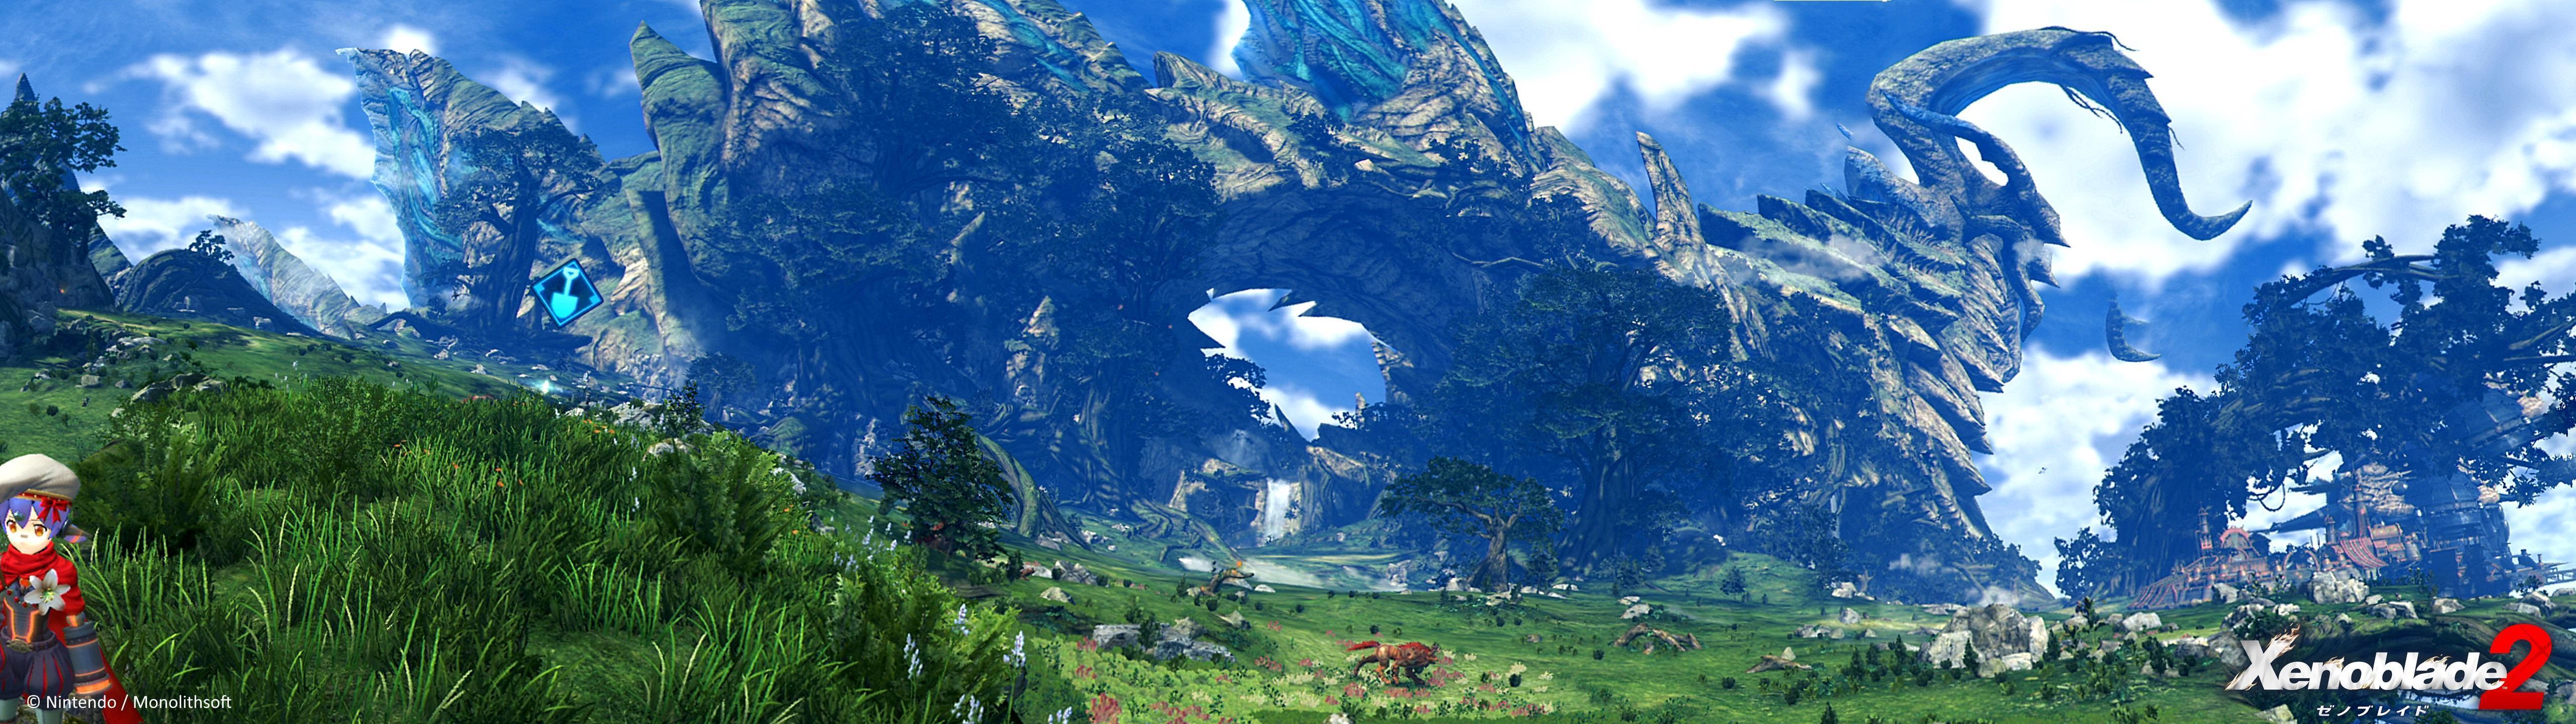 Nintendo Dual Screen Wallpapers Top Free Nintendo Dual Screen